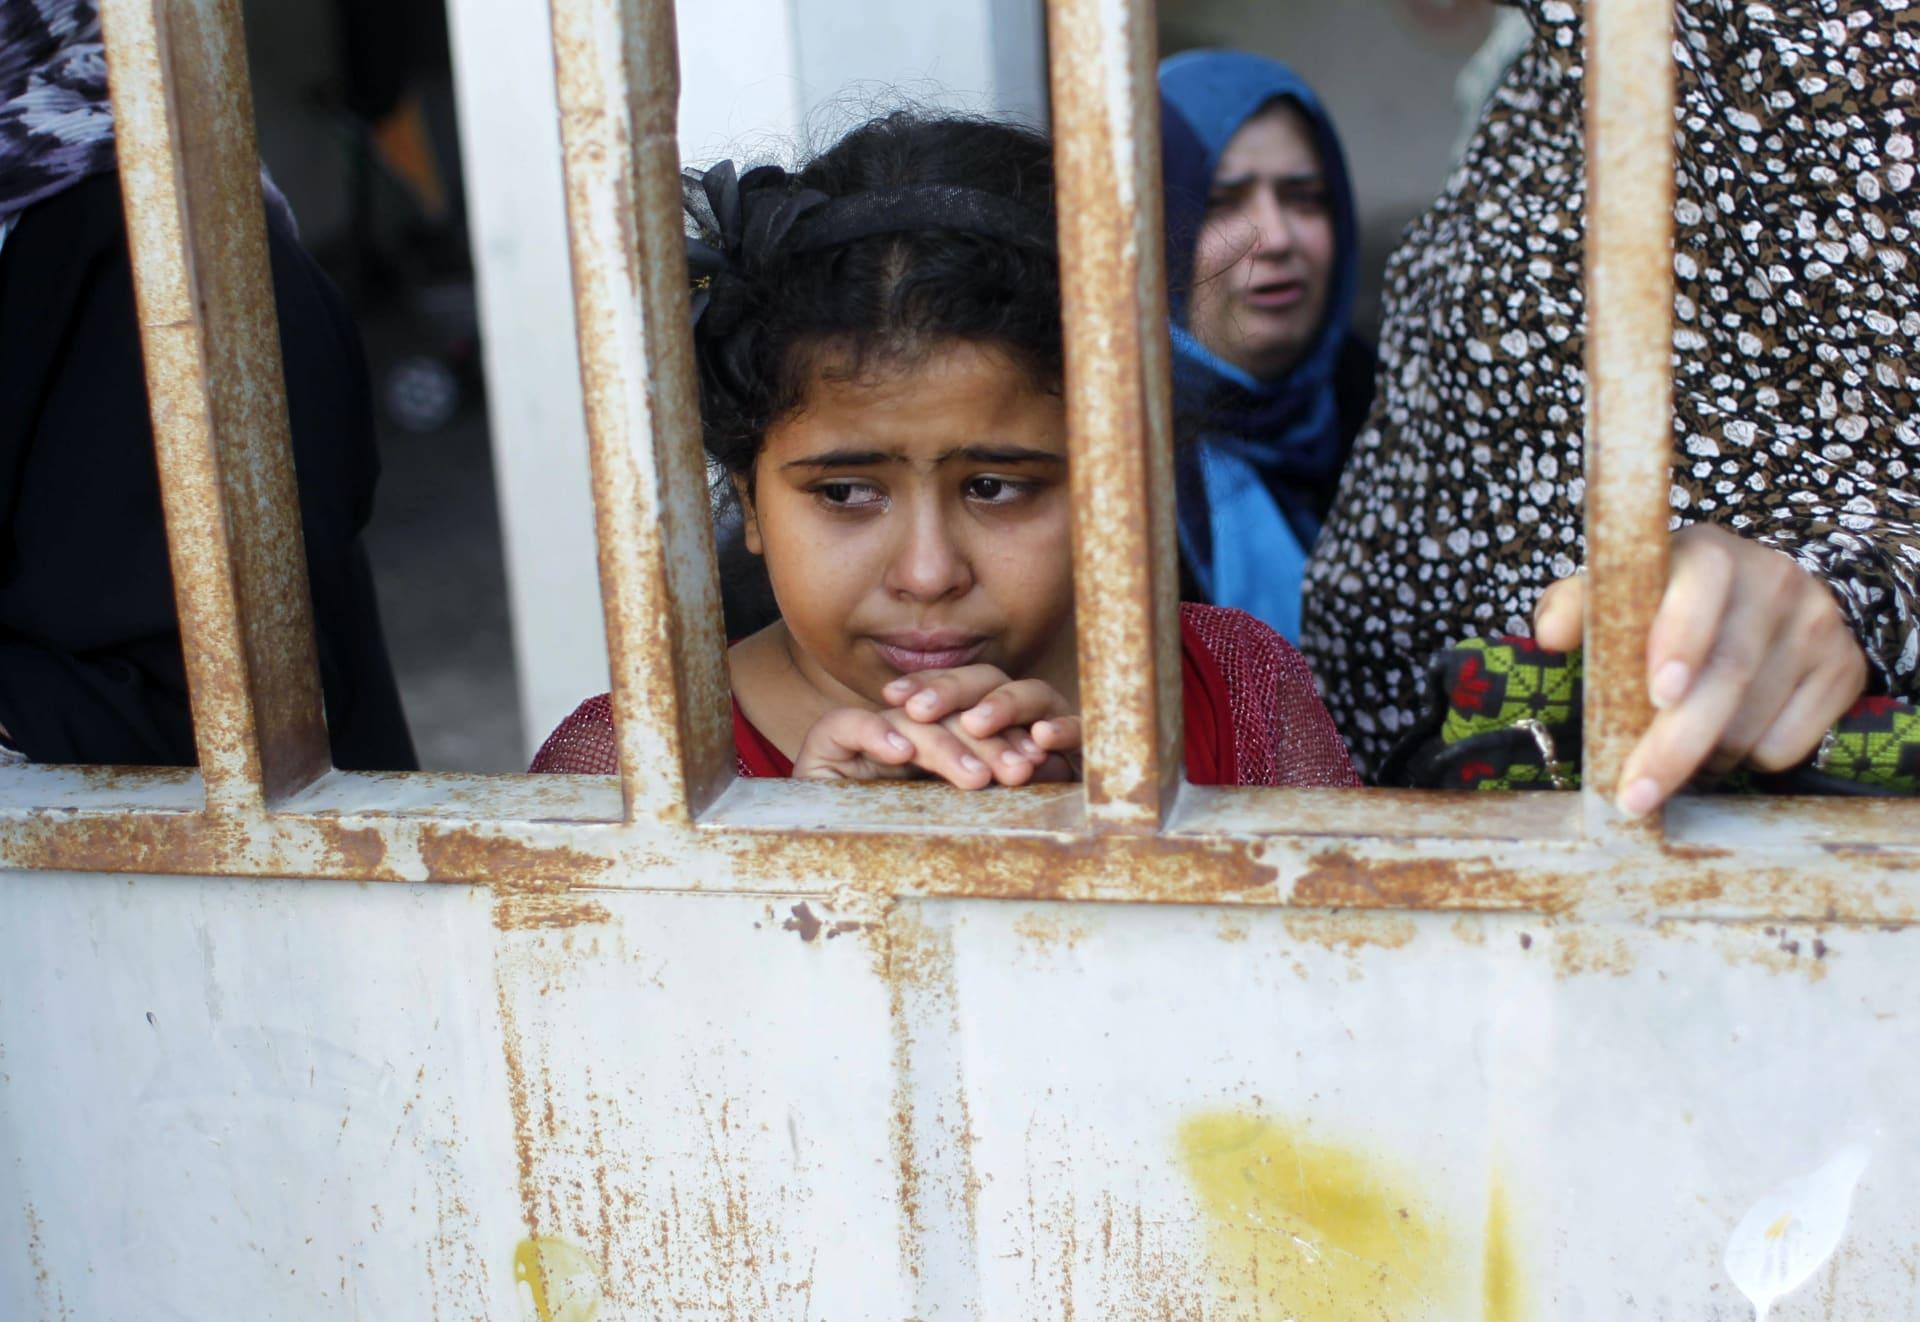 صحف العالم: ثلث أطفال غزة يعانون من مشاكل نفسية جراء العمليات العسكرية